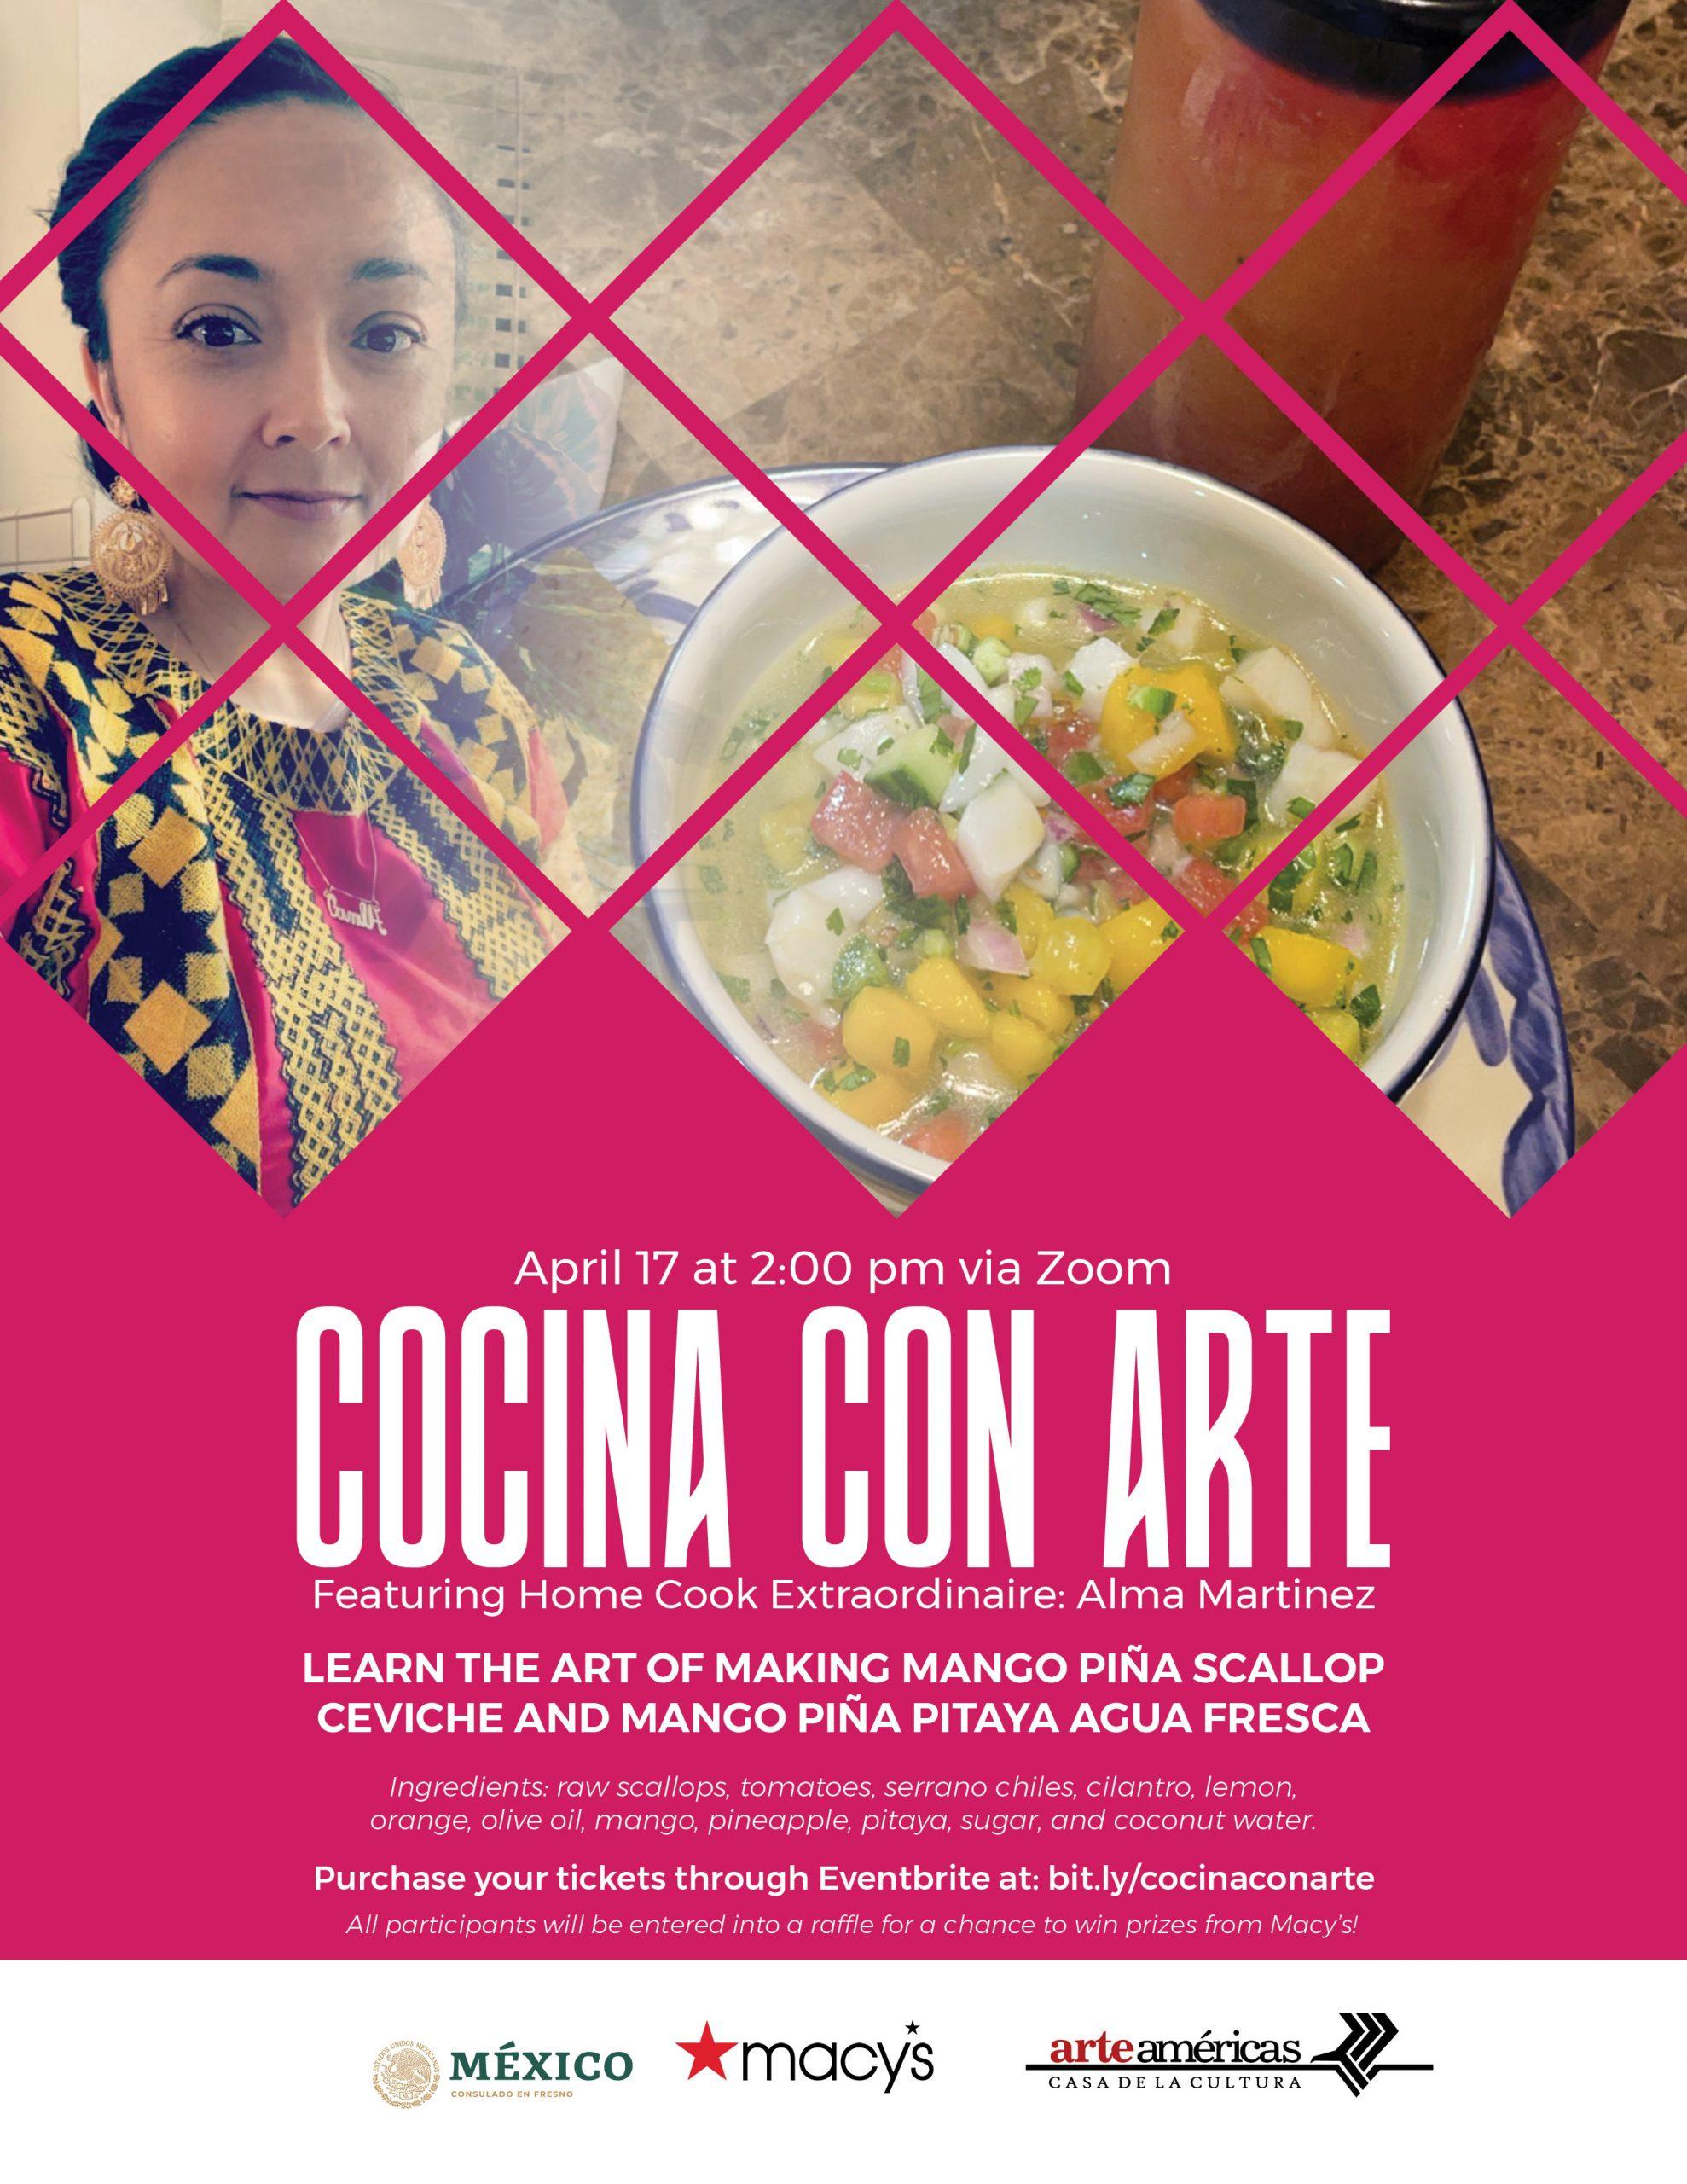 cocina con arte flyer